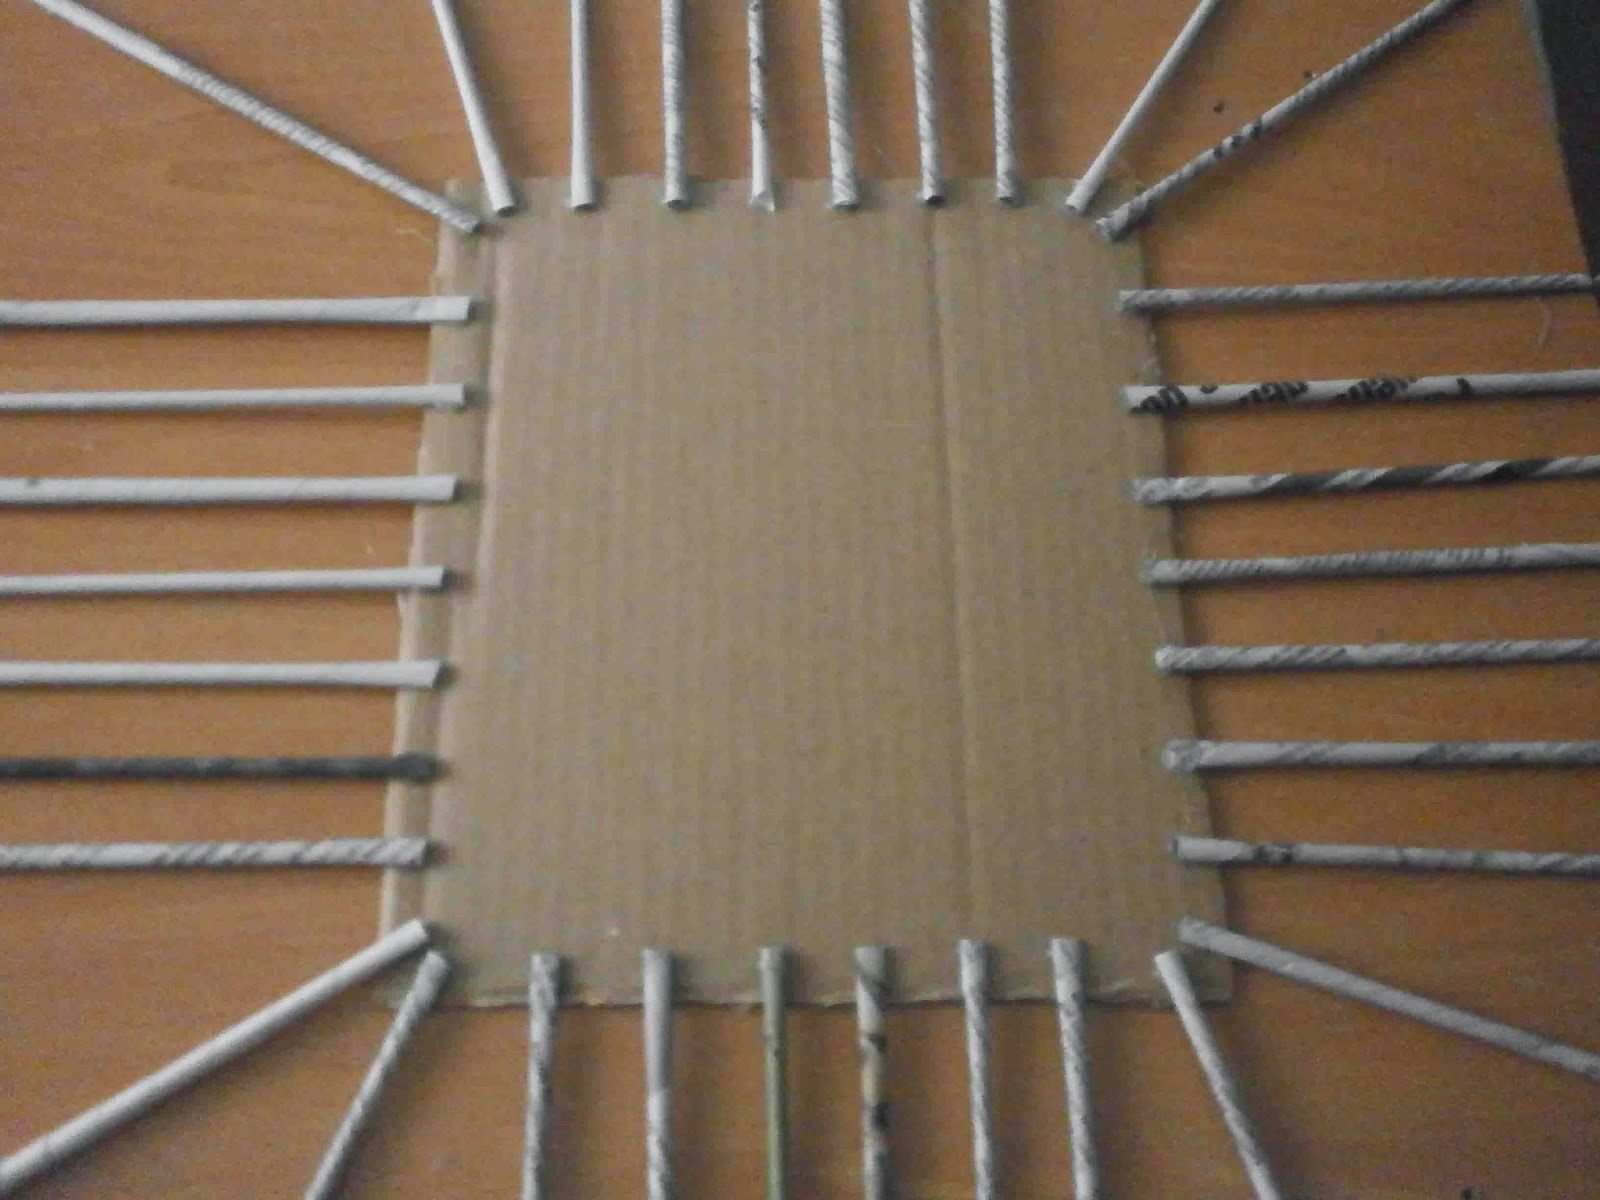 Manualidades herme diy como hacer una cesta de papel de - Cestas de papel de periodico paso a paso ...